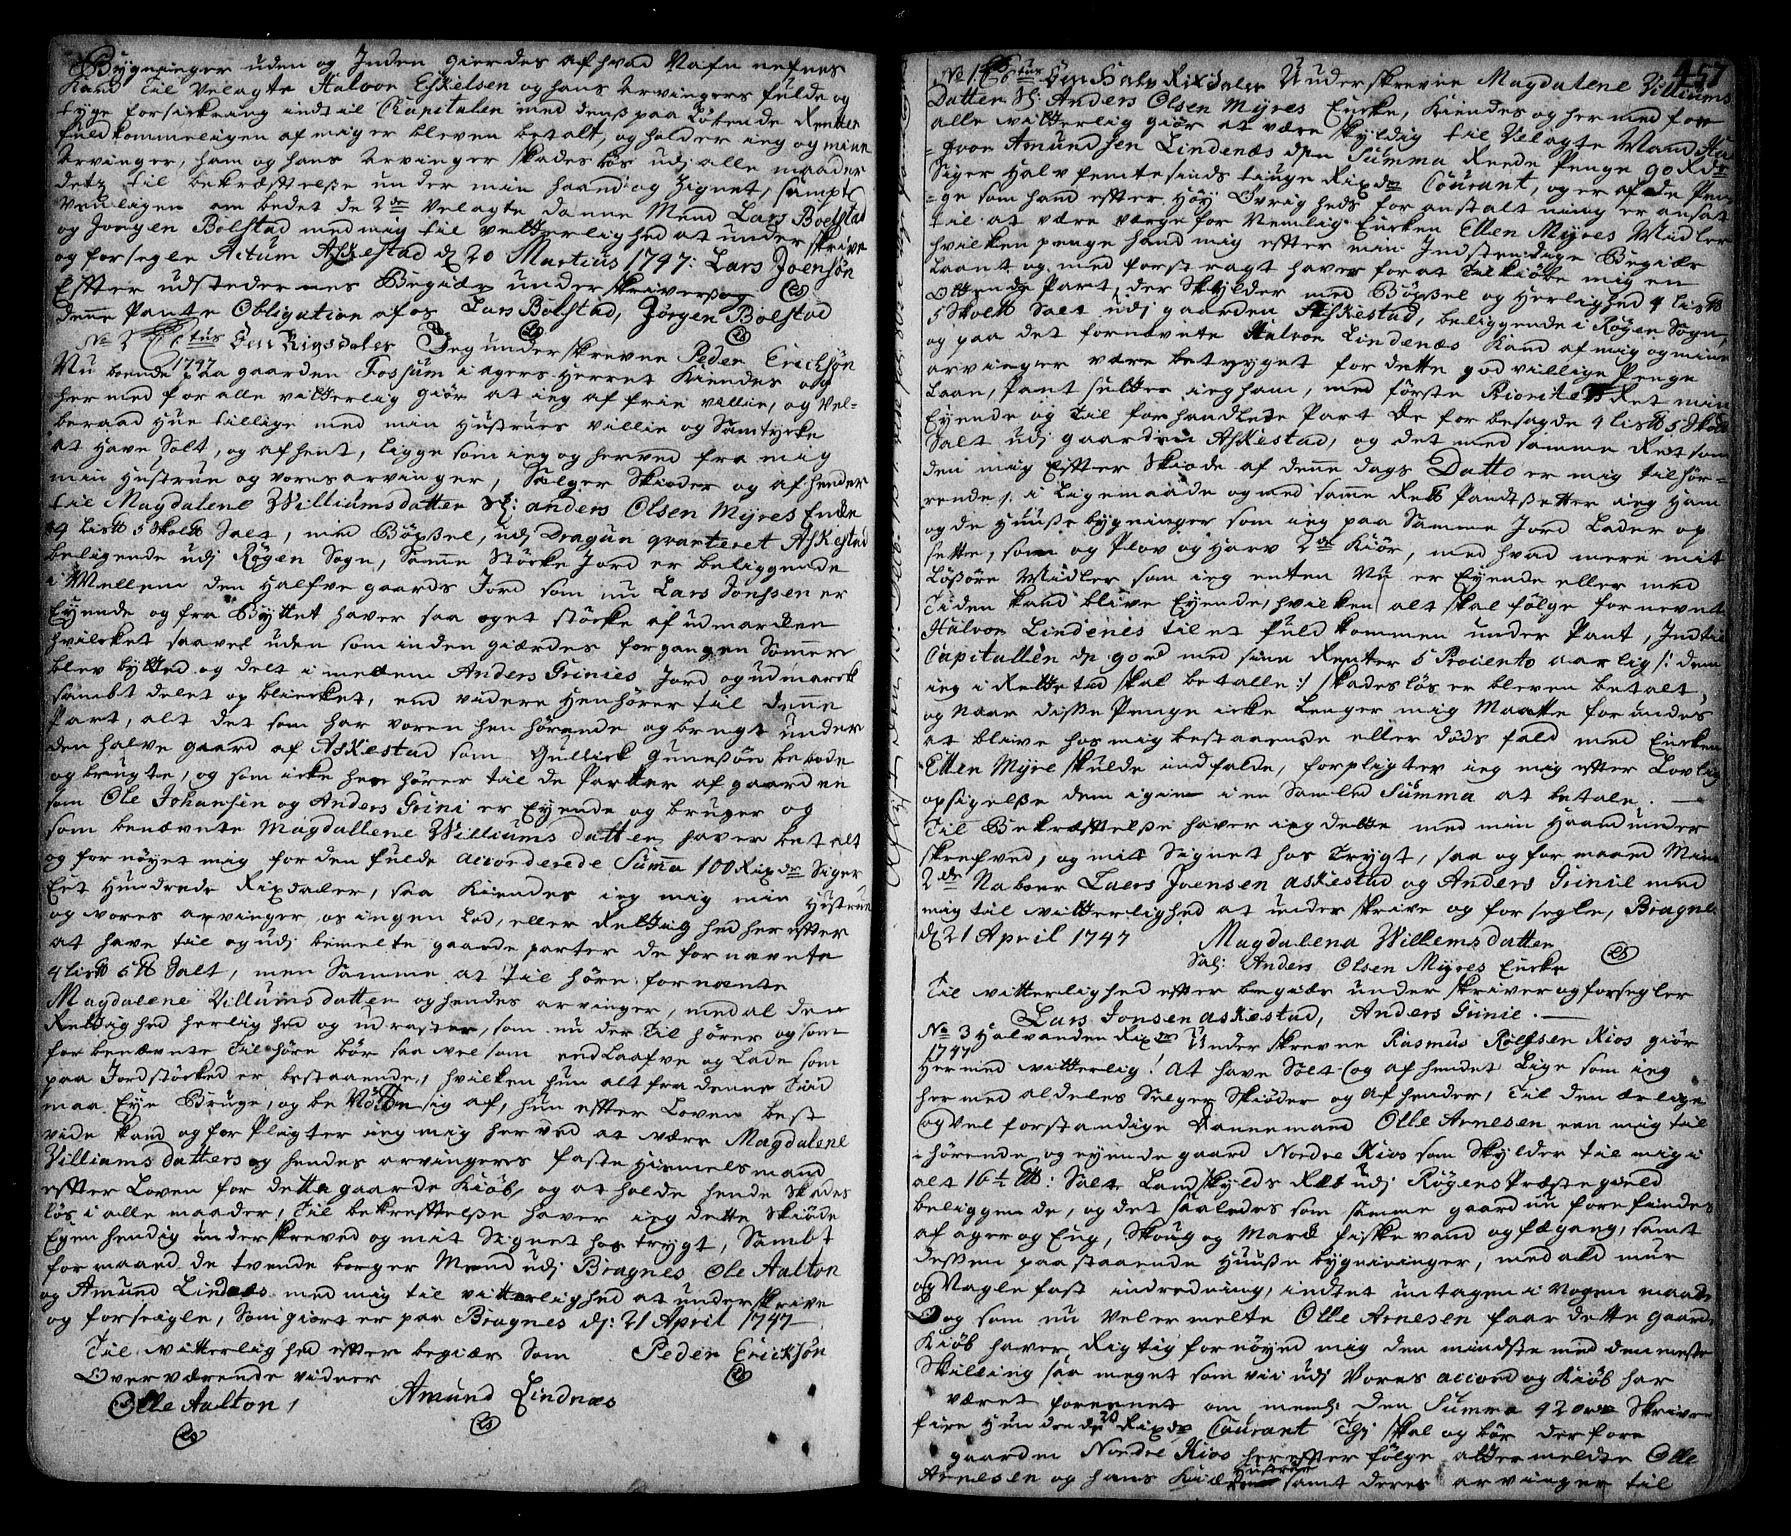 SAKO, Lier, Røyken og Hurum sorenskriveri, G/Ga/Gaa/L0002: Pantebok nr. II, 1725-1755, s. 457